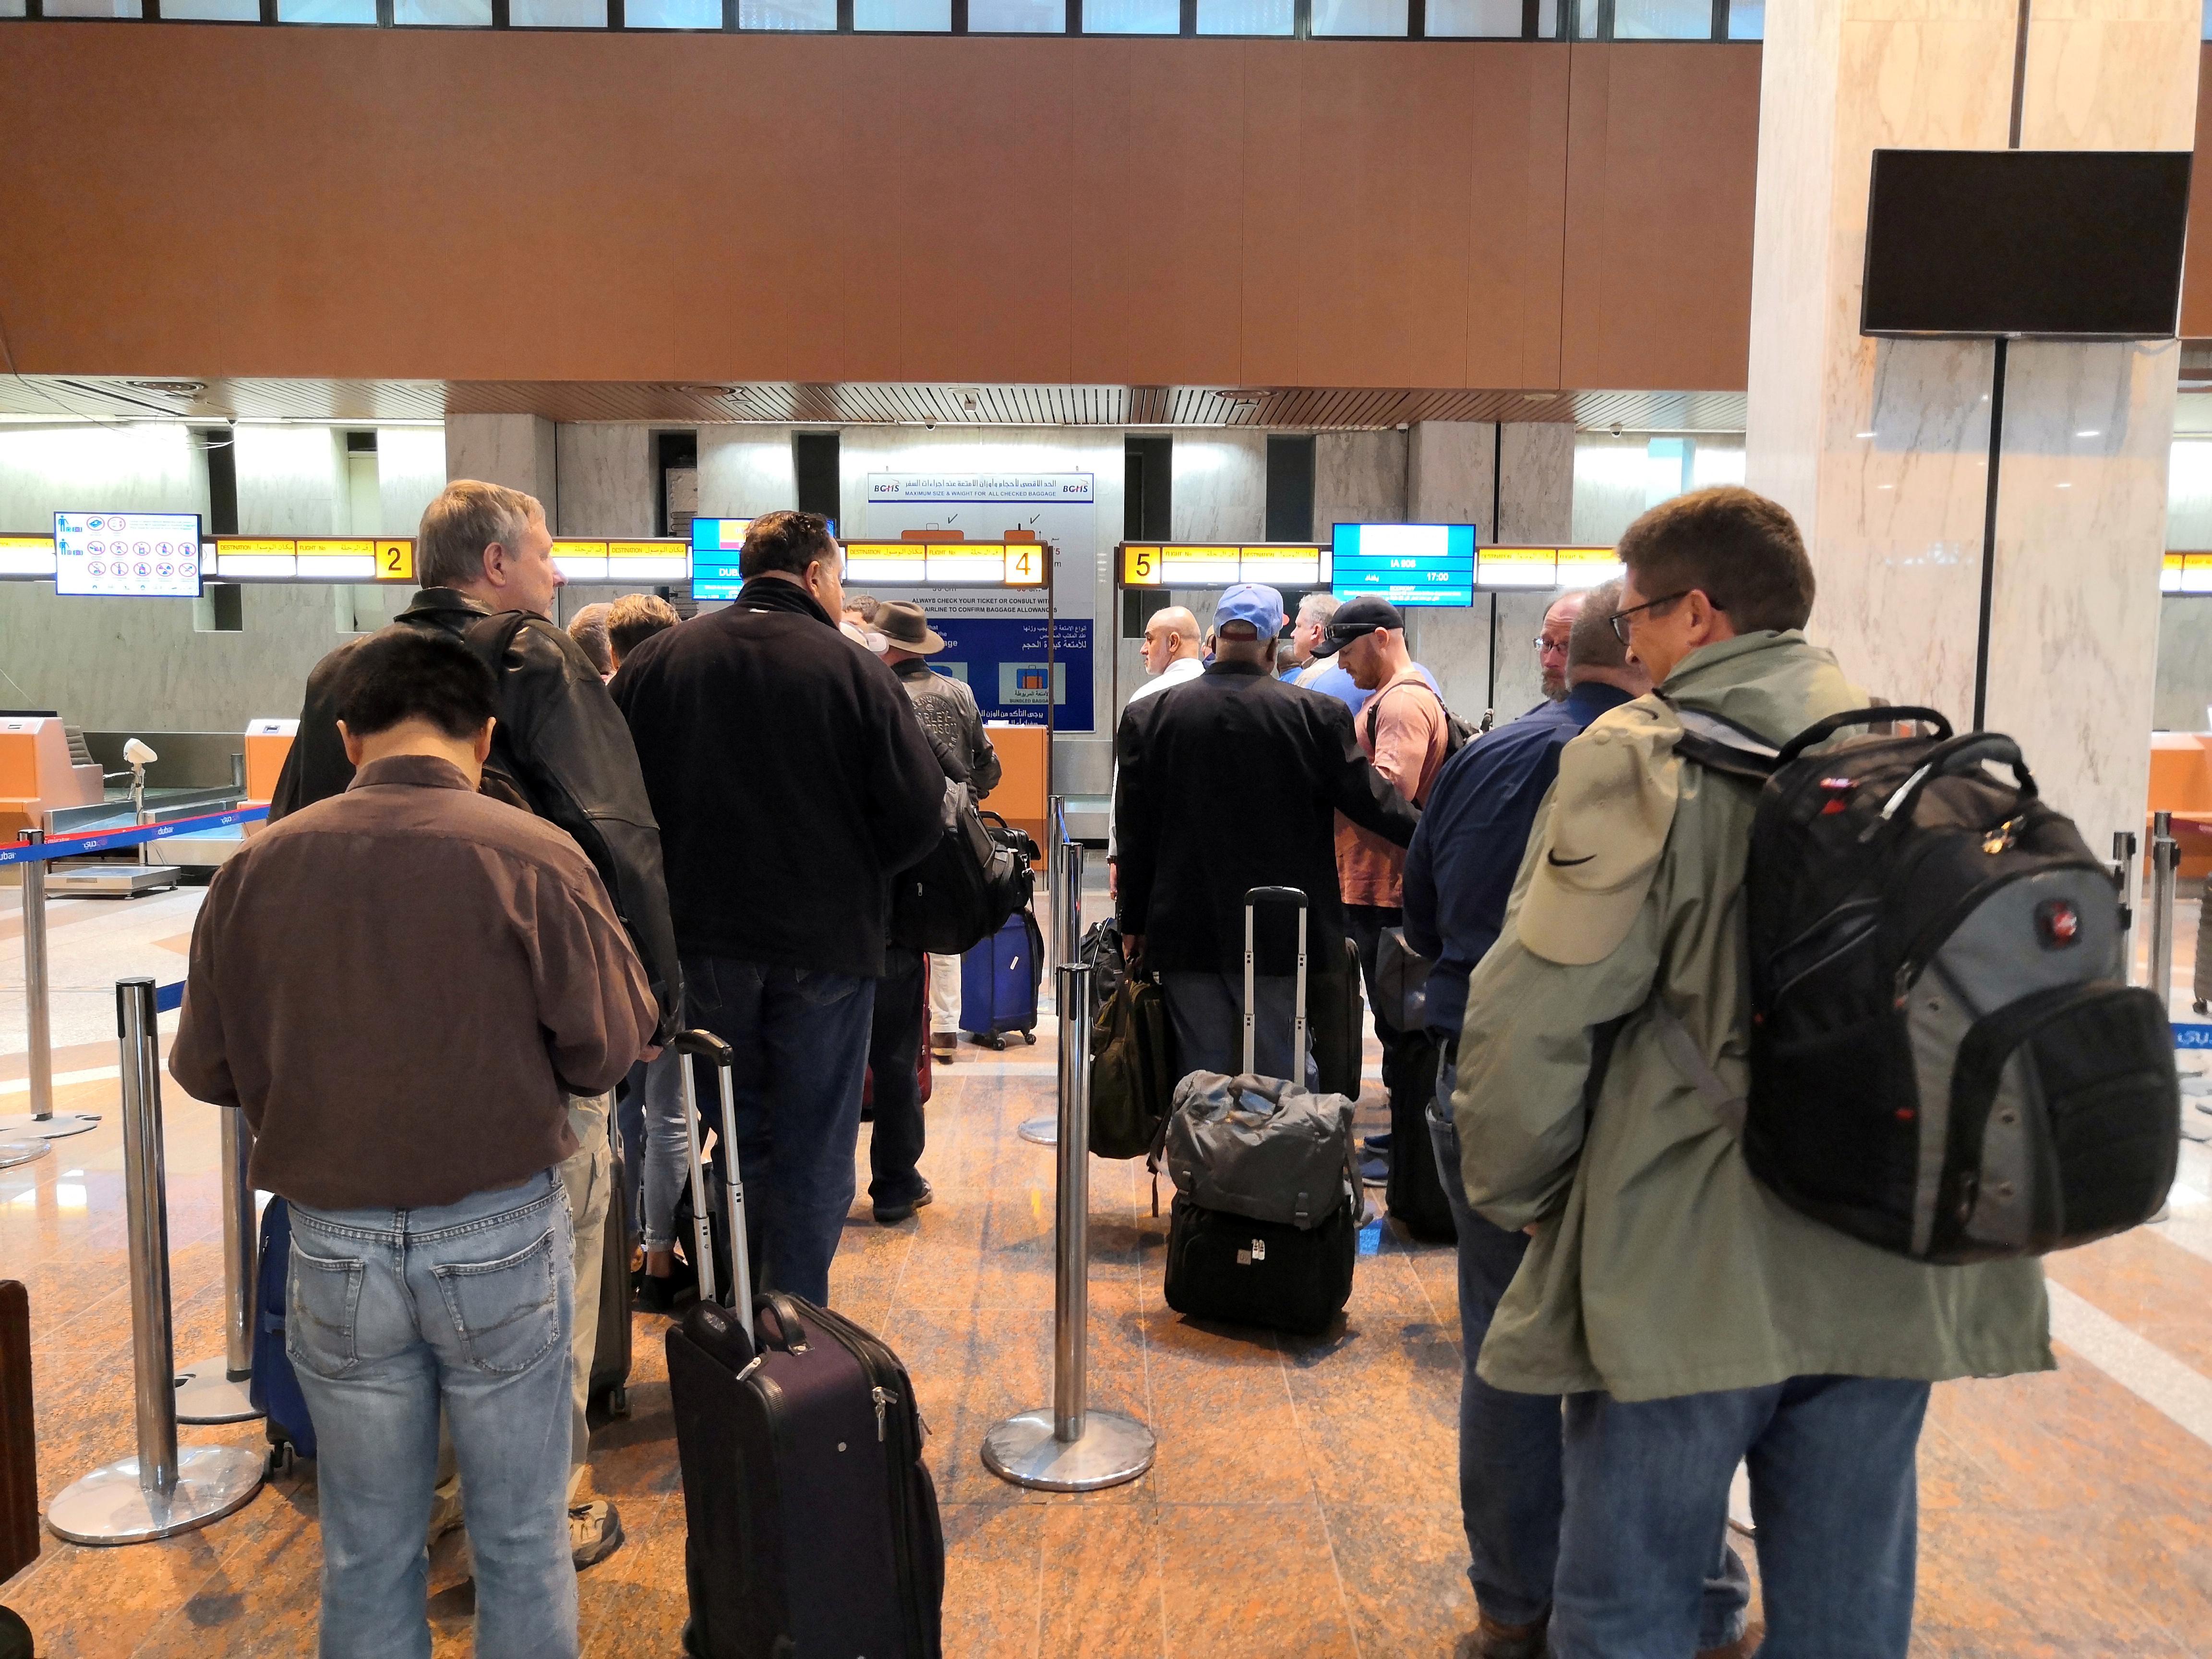 Η Ιορδανία διέκοψε τις πτήσεις προς Βαγδάτη για λόγους ασφαλείας